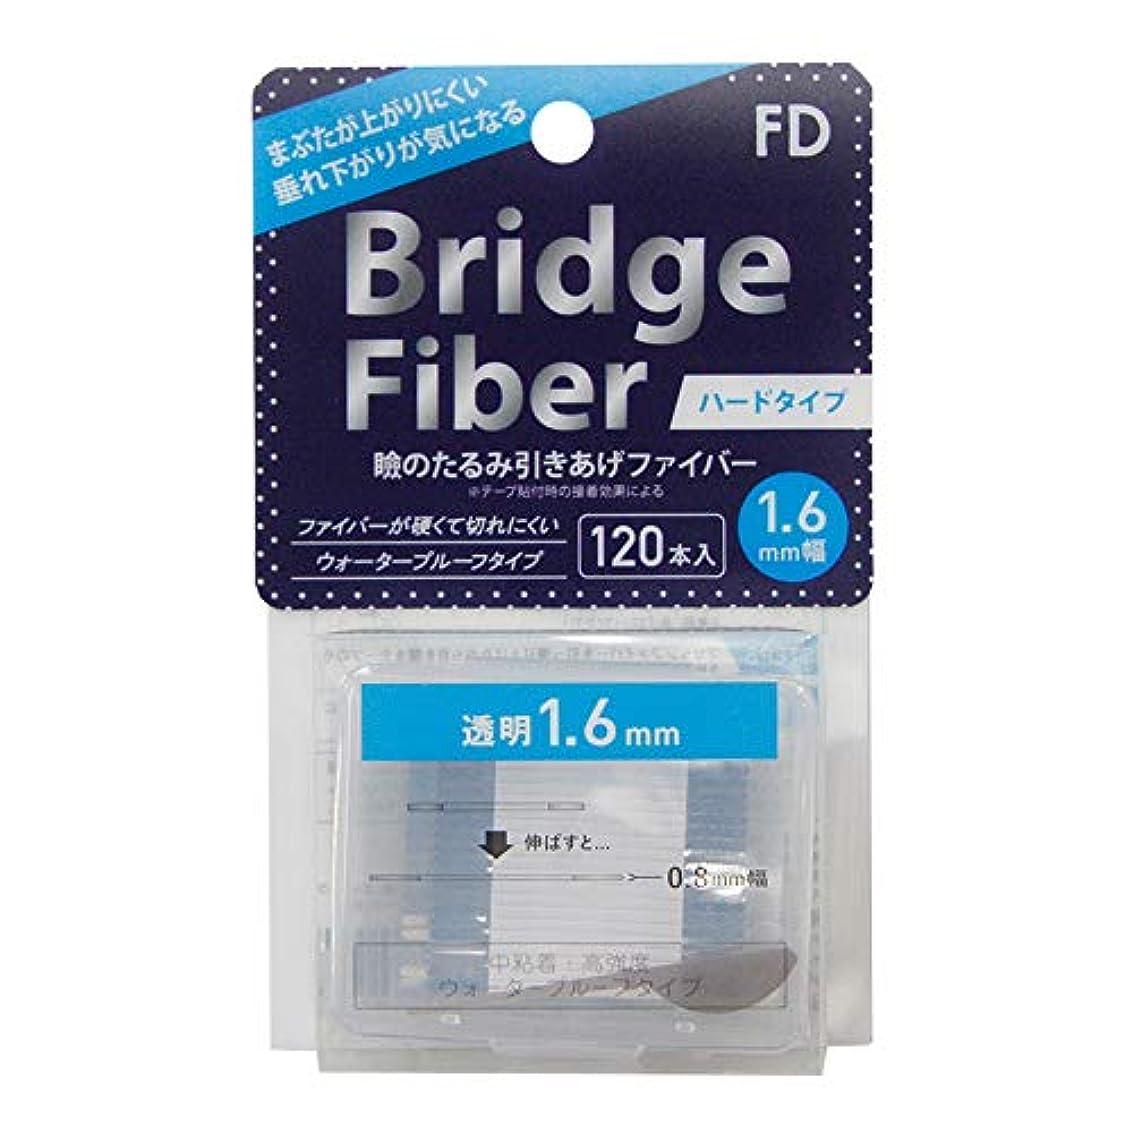 岩ミュージカルほのめかすFD ブリッジハードファイバー 眼瞼下垂防止テープ ハードタイプ 透明1.6mm幅 120本入り